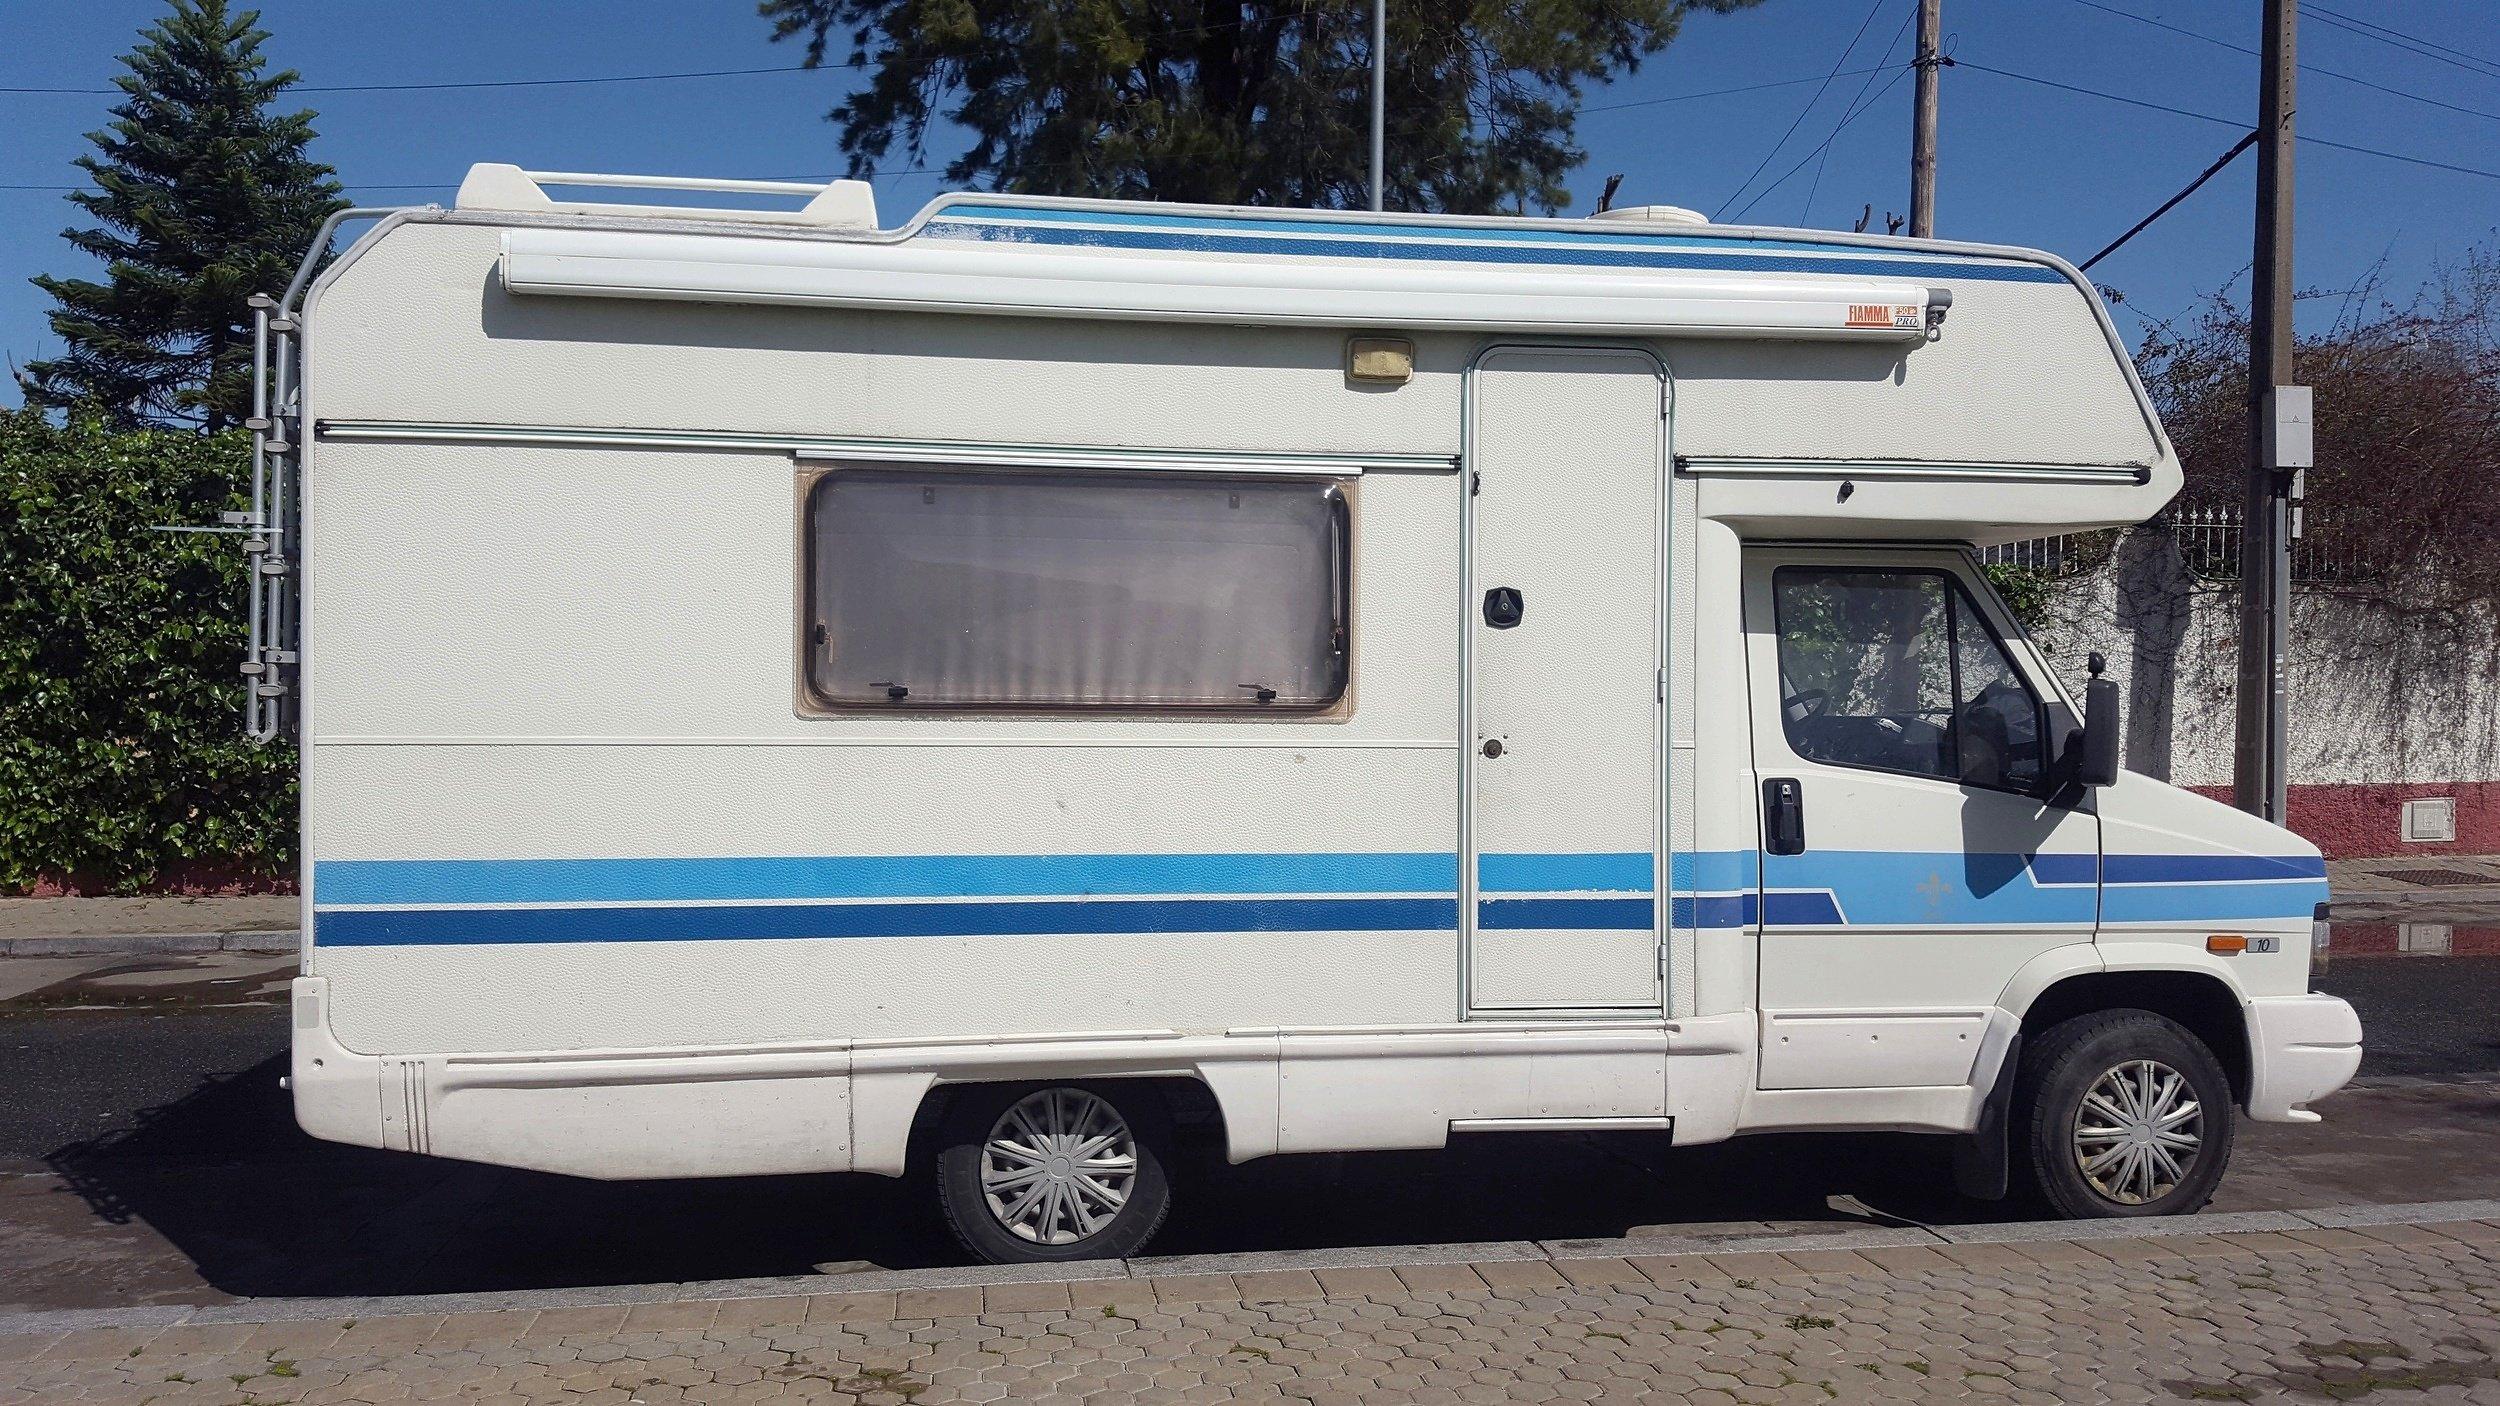 Alquiler de Autocaravanas y Furgonetas camper - Sevilla | Yescapa